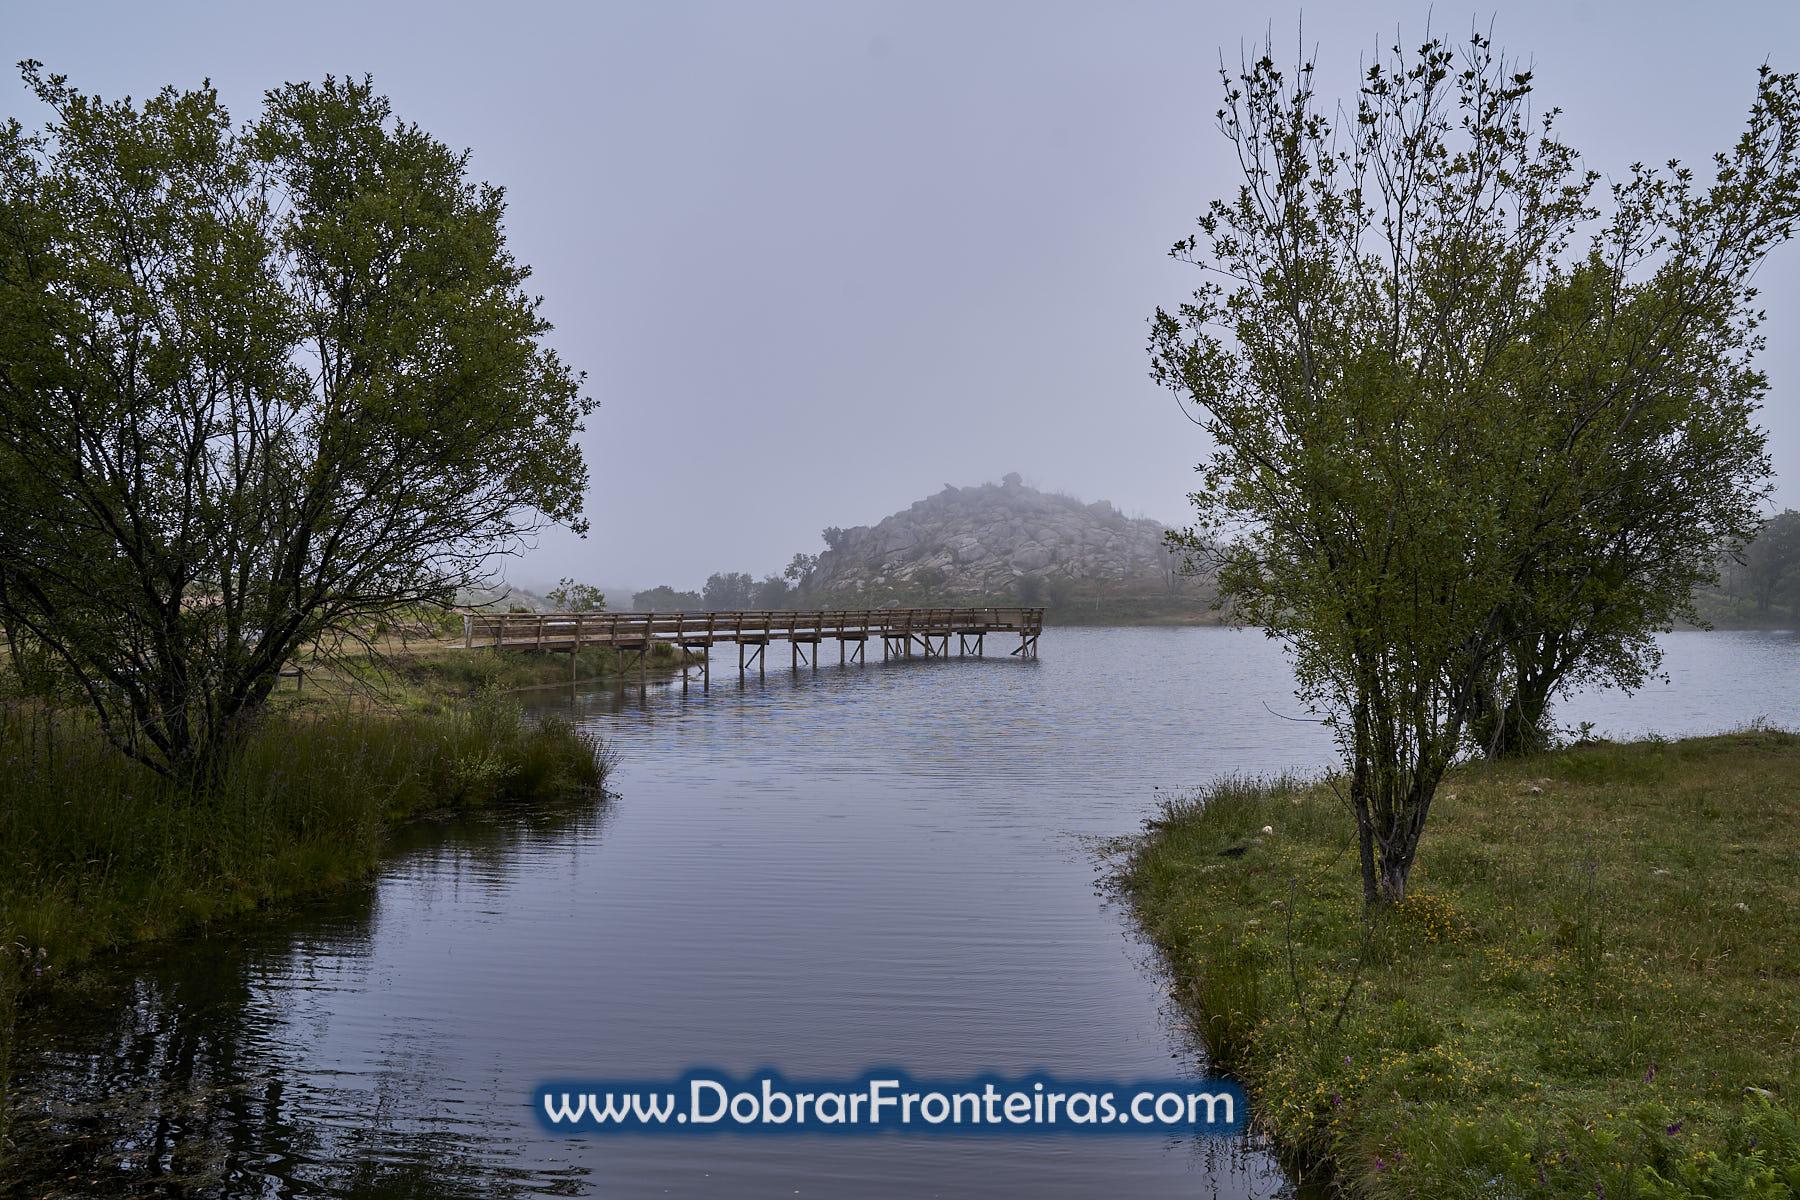 ponte de madeira em barragem em dia nublado